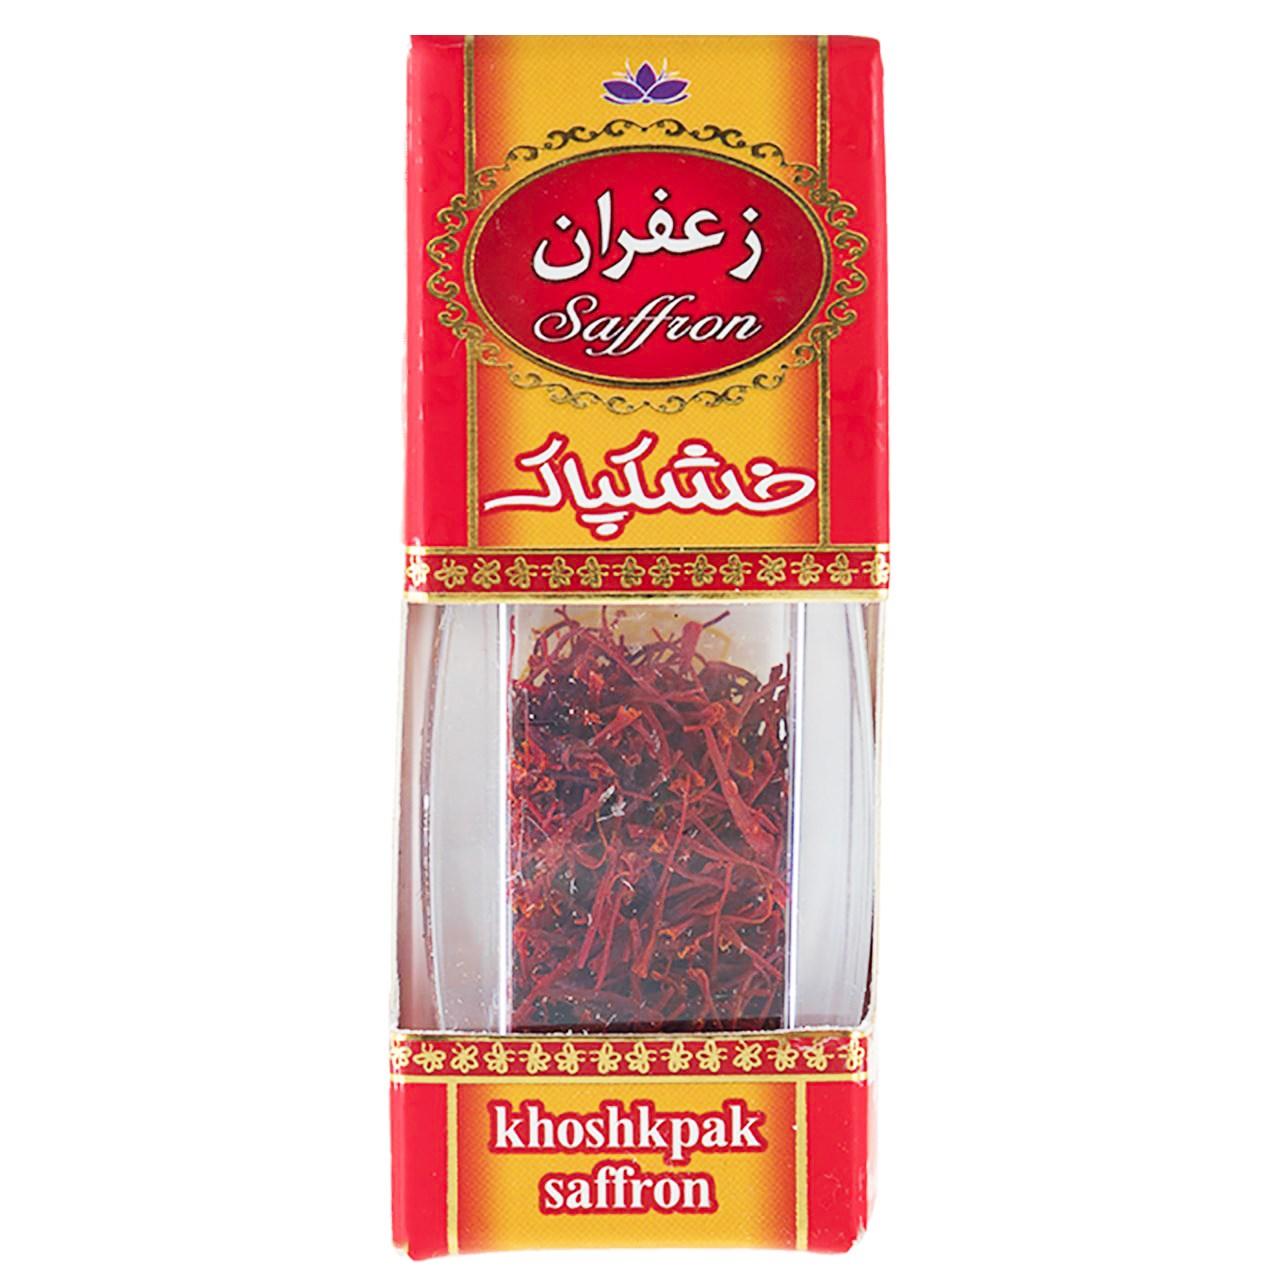 زعفران خشکپاک مقدار 1 گرم